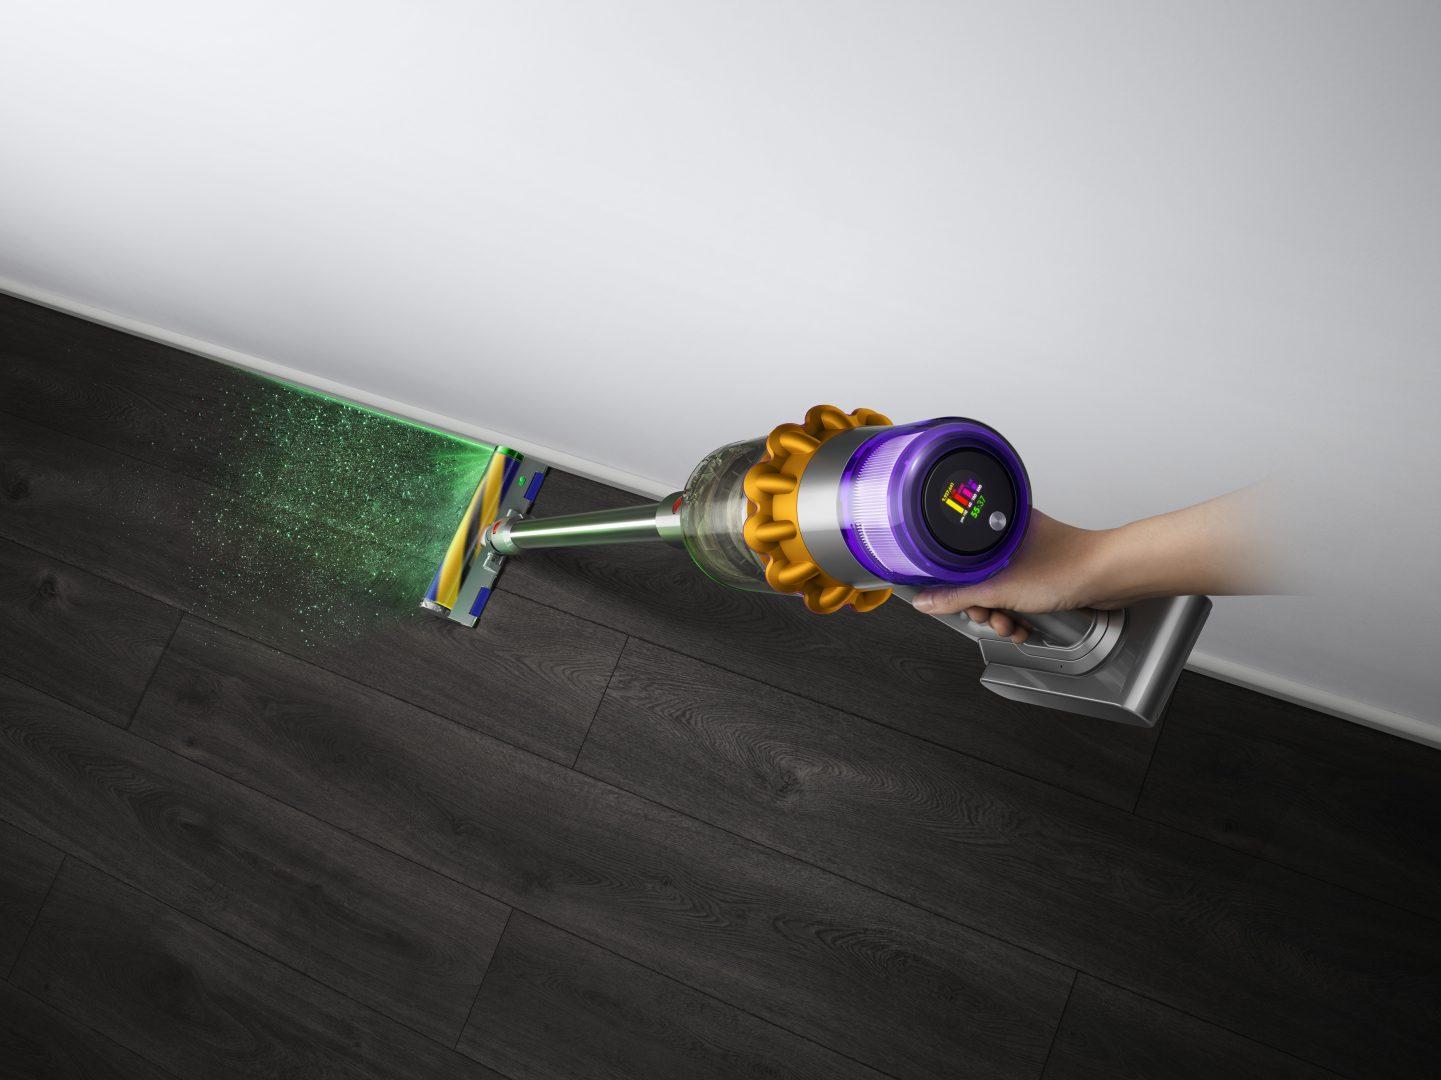 Dyson a lansat aspiratorul V15 Detect Absolute, echipat cu laser pentru detectarea prafului